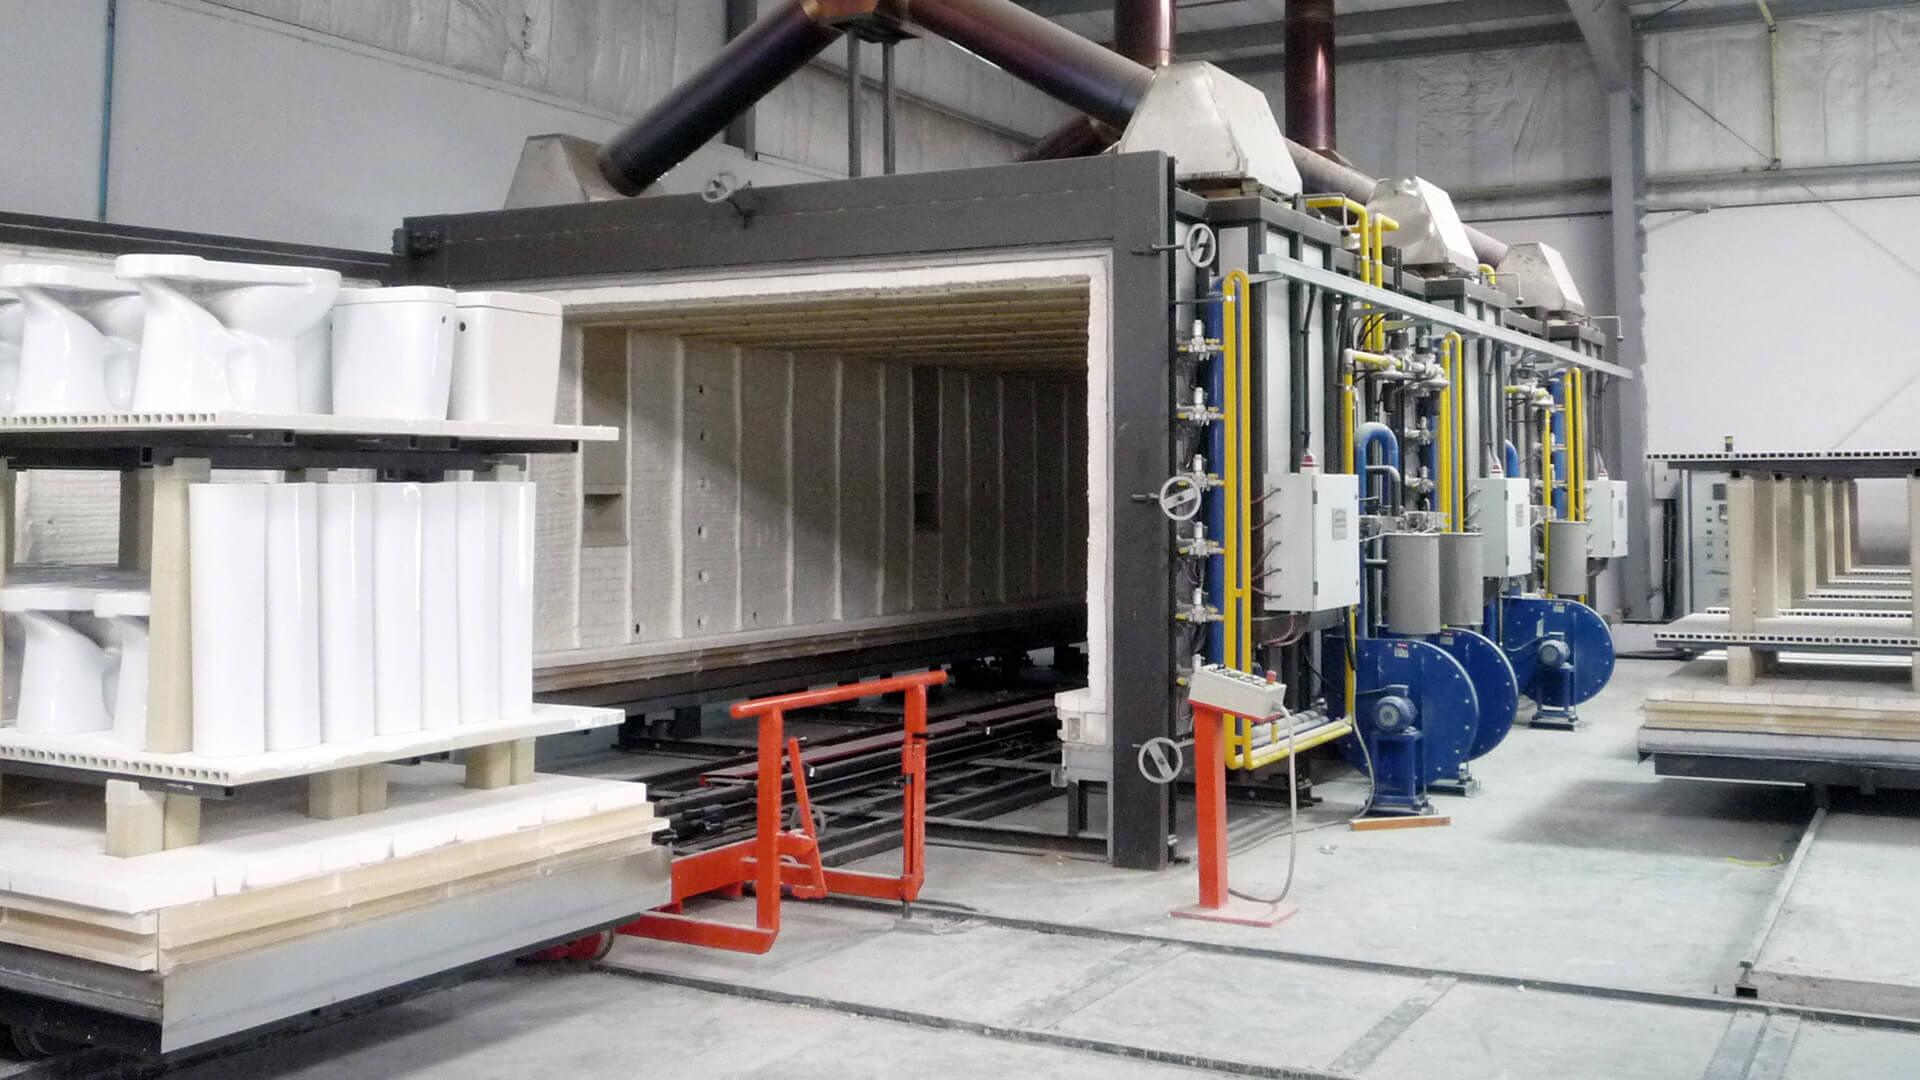 Forno industriale per Forno a due piani | Pagnotta Termomeccanica